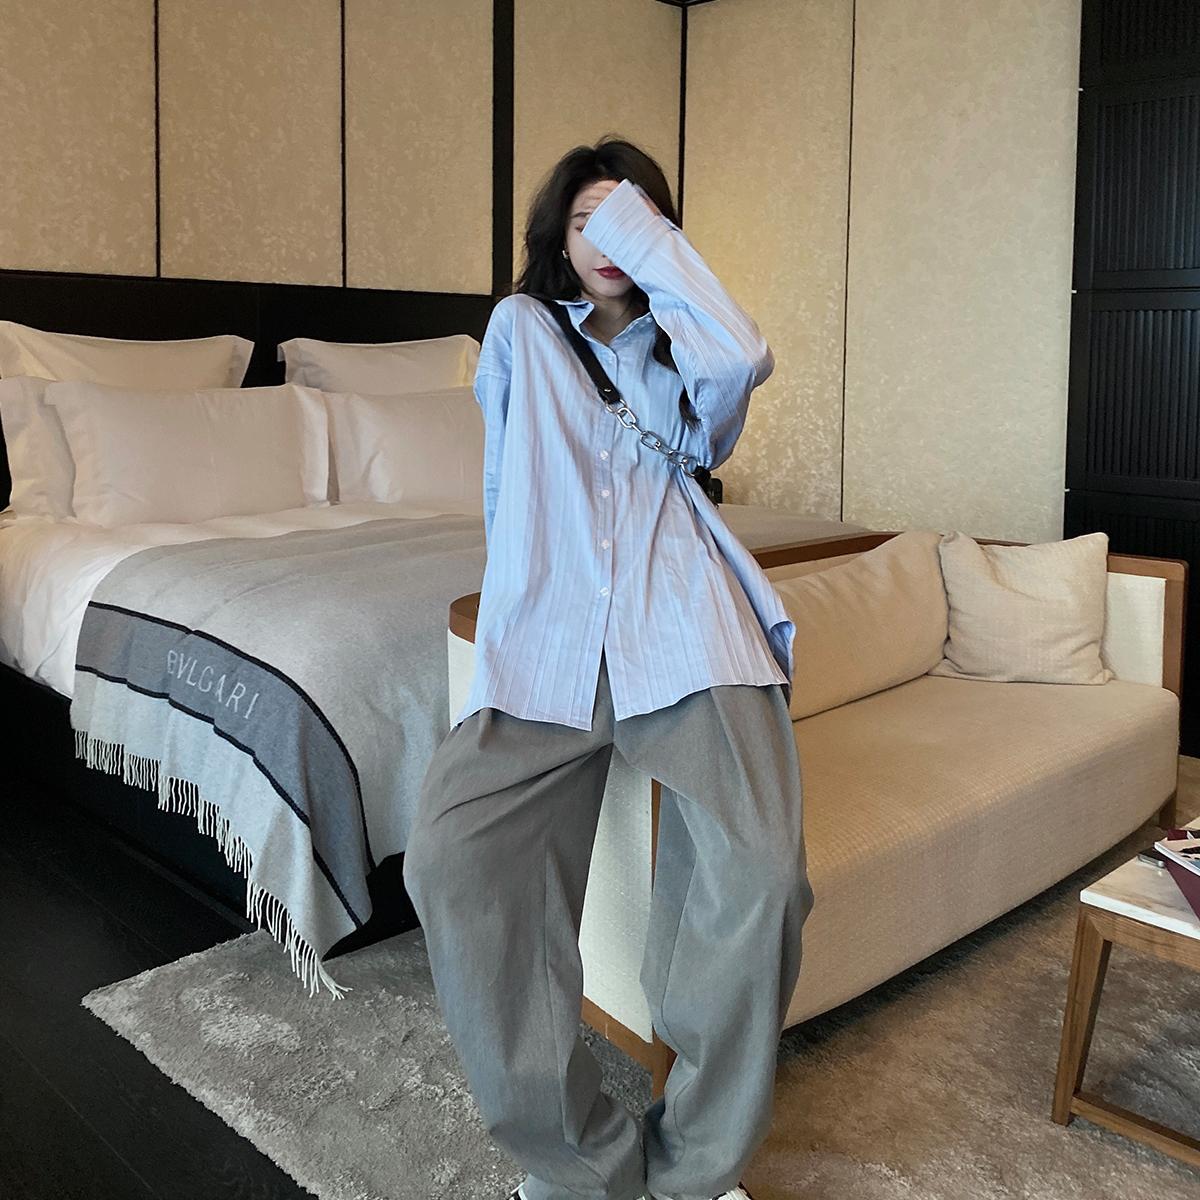 百搭宽松韩版蓝色条纹衬衫 高时髦线条凸显硬朗味